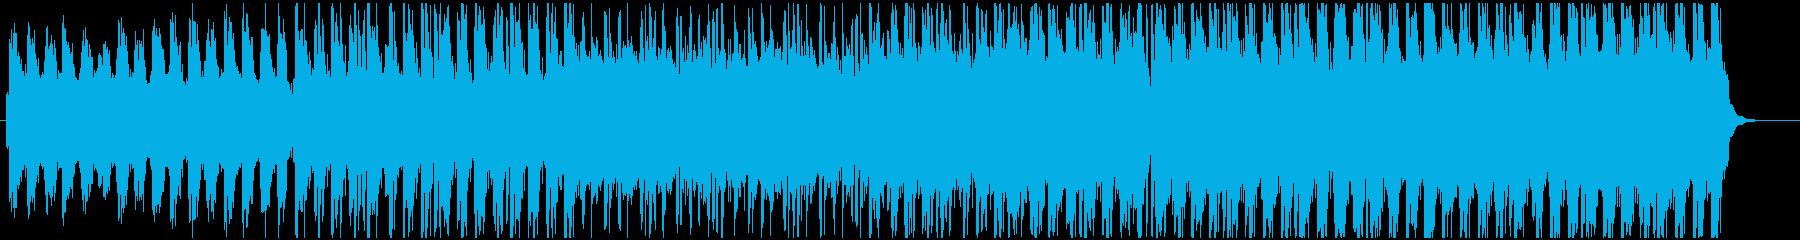 アニメやニュース向けファンタジー調BGMの再生済みの波形